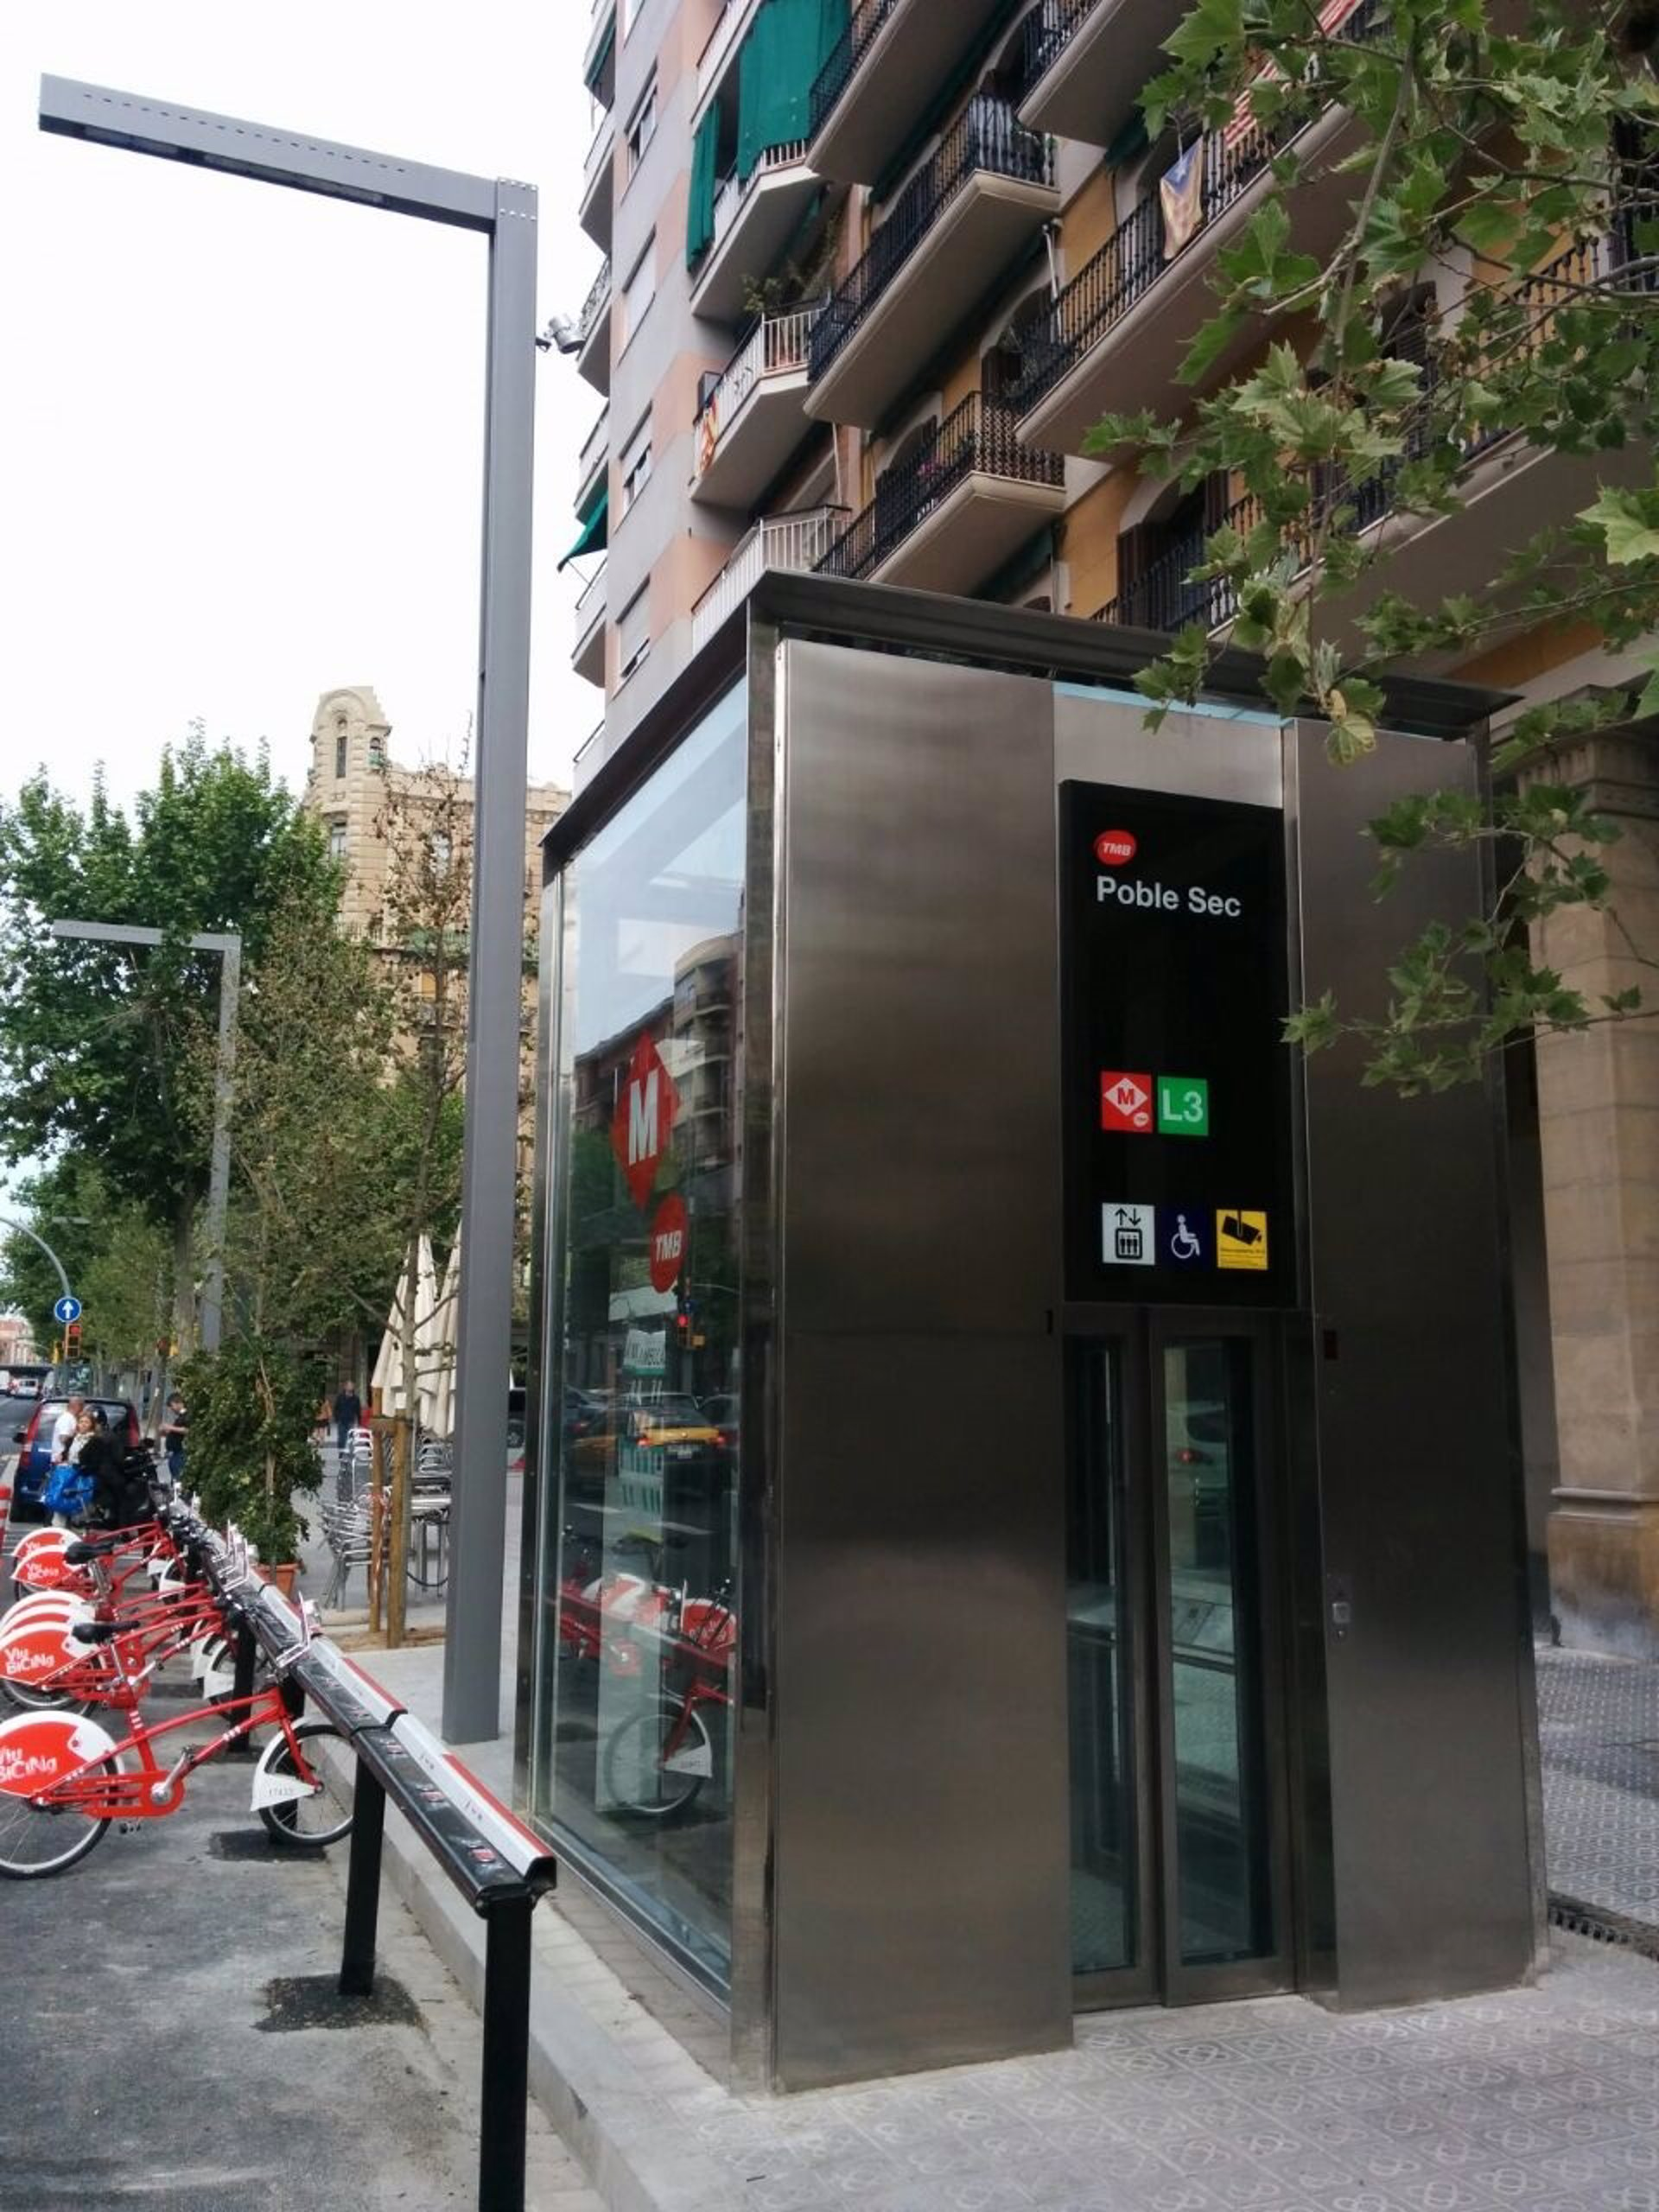 La estaci n de metro de poble sec acaba las mejoras de - Calle manso barcelona ...